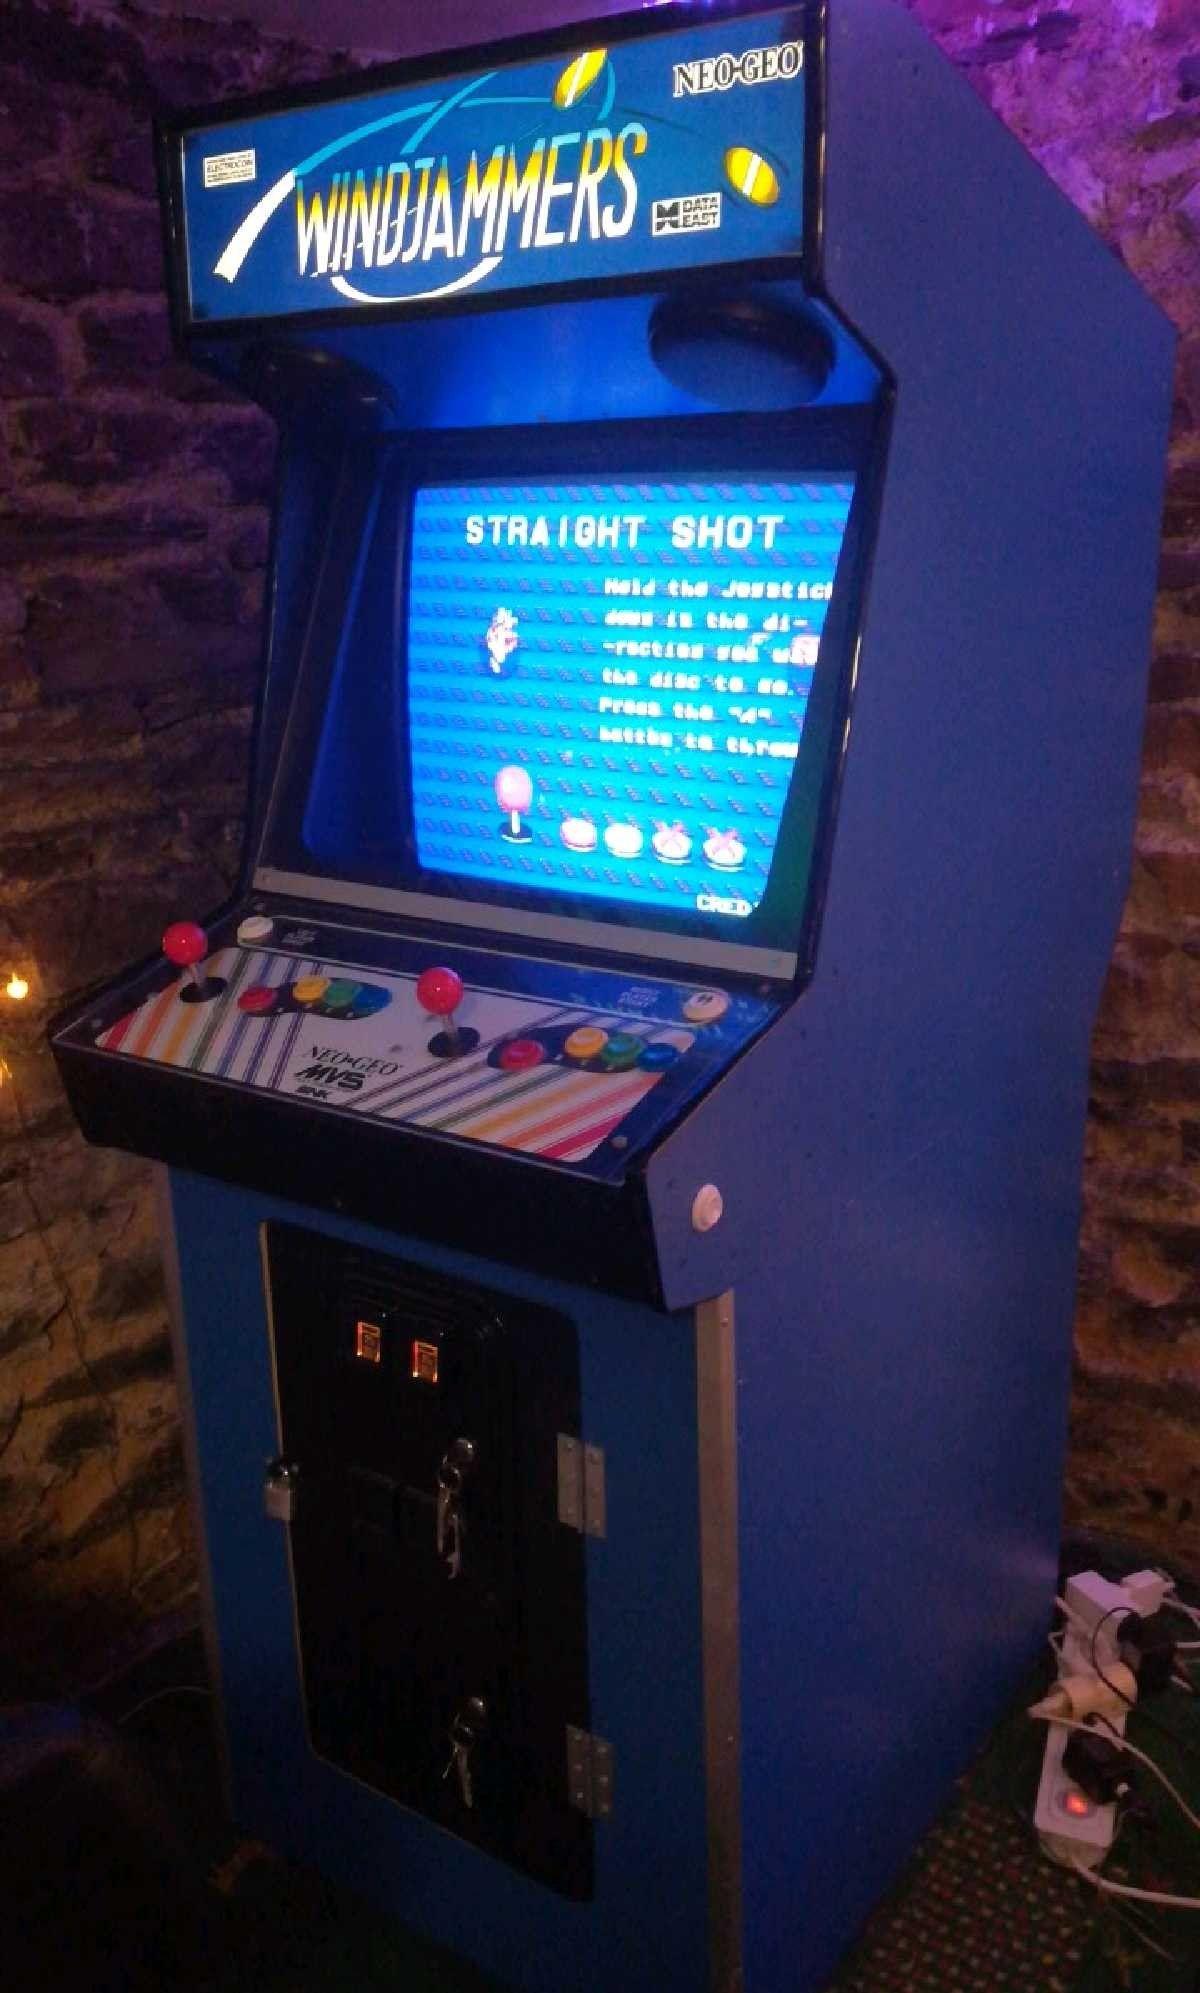 Neo Geo My Diy Arcade Cabinet Diy Arcade Cabinet Arcade Cabinet Arcade